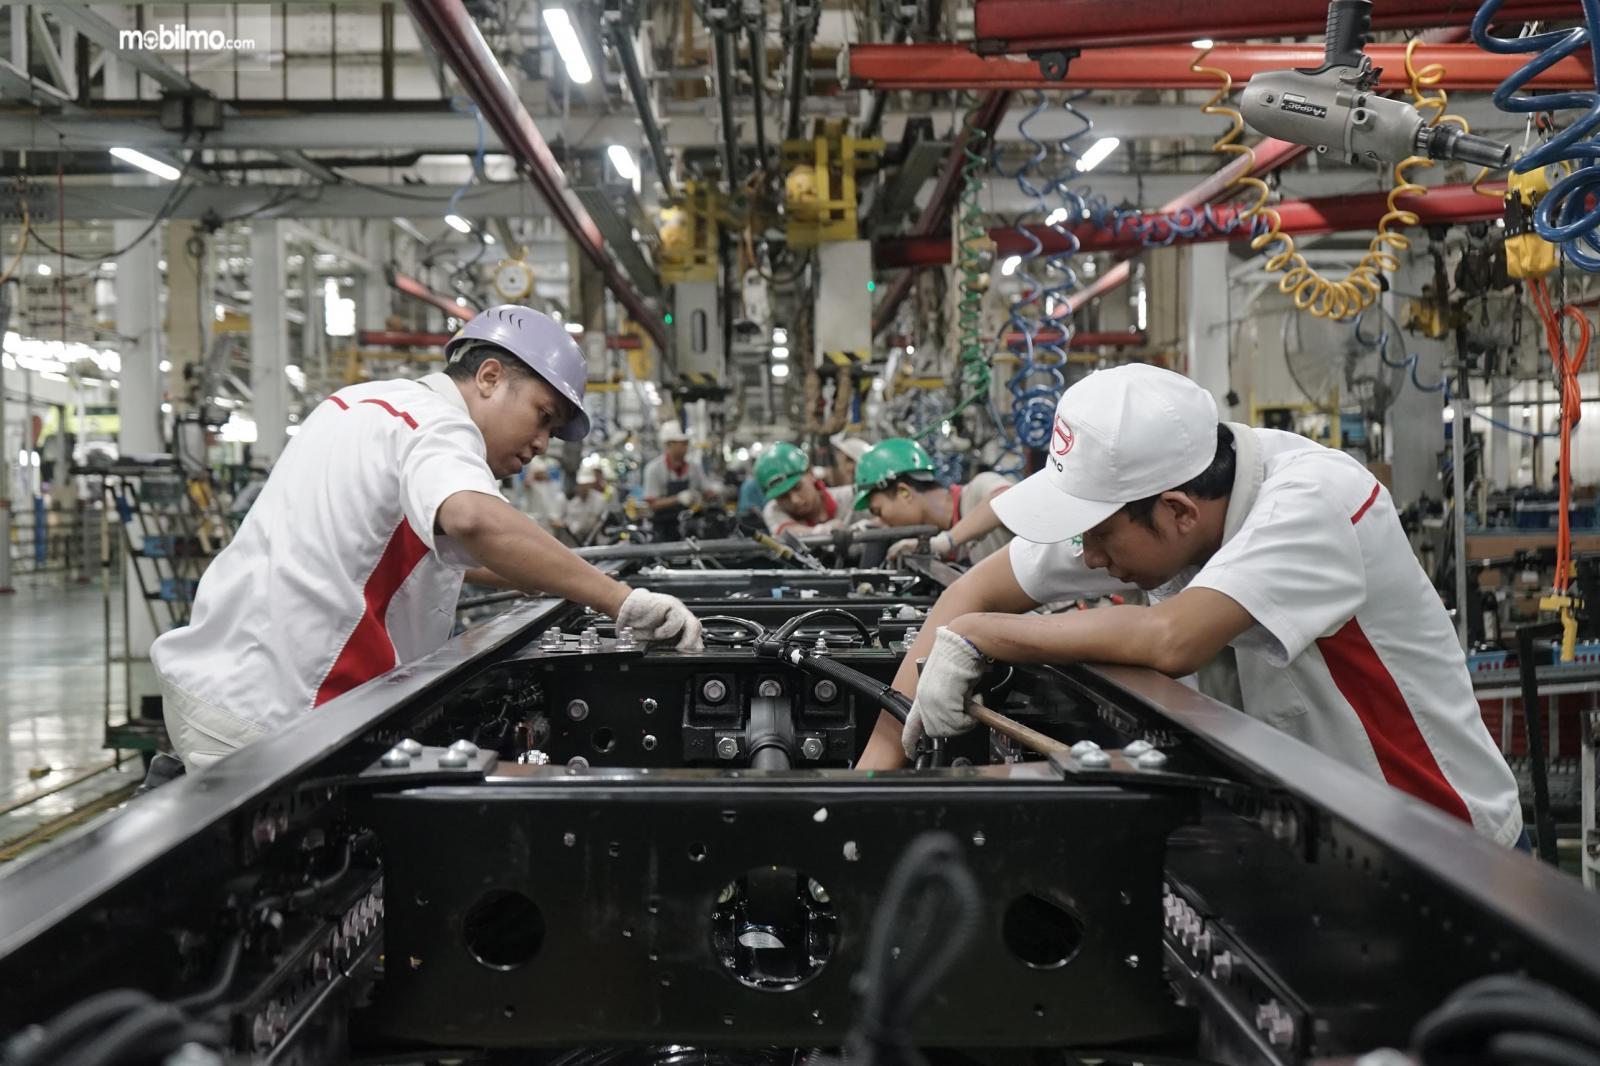 Foto menunjukkan salah satu aktivitas Perakitan di pabrik Hino Indonesia